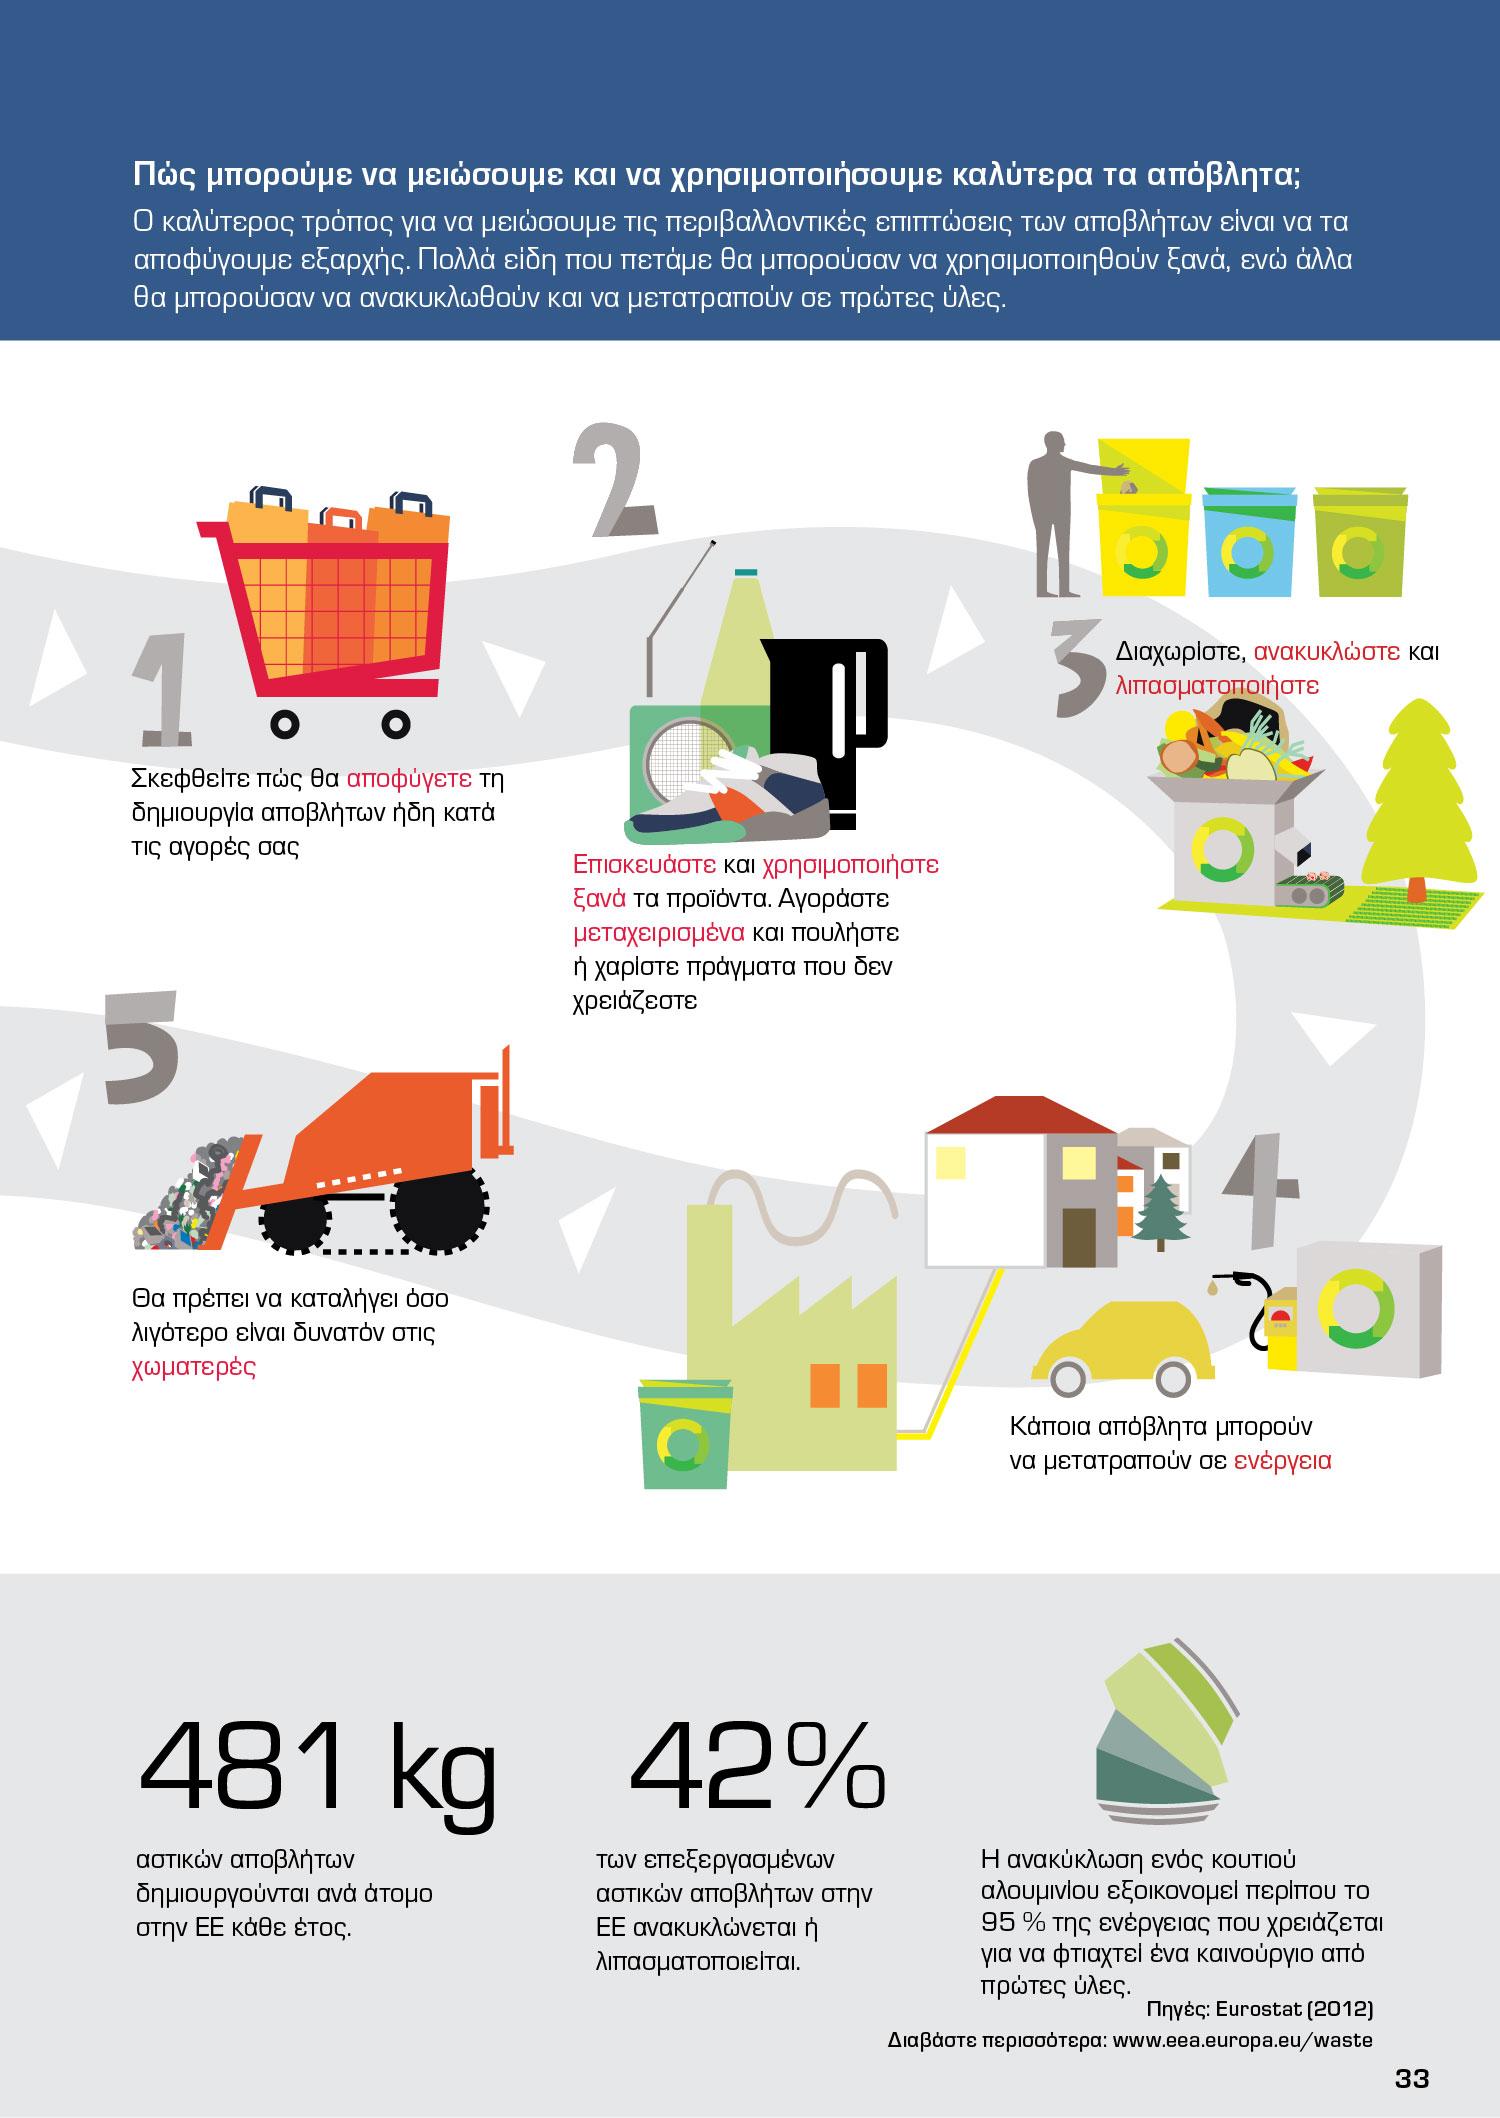 Πώς μπορούμε να μειώσουμε και να χρησιμοποιήσουμε καλύτερα τα απόβλητα;